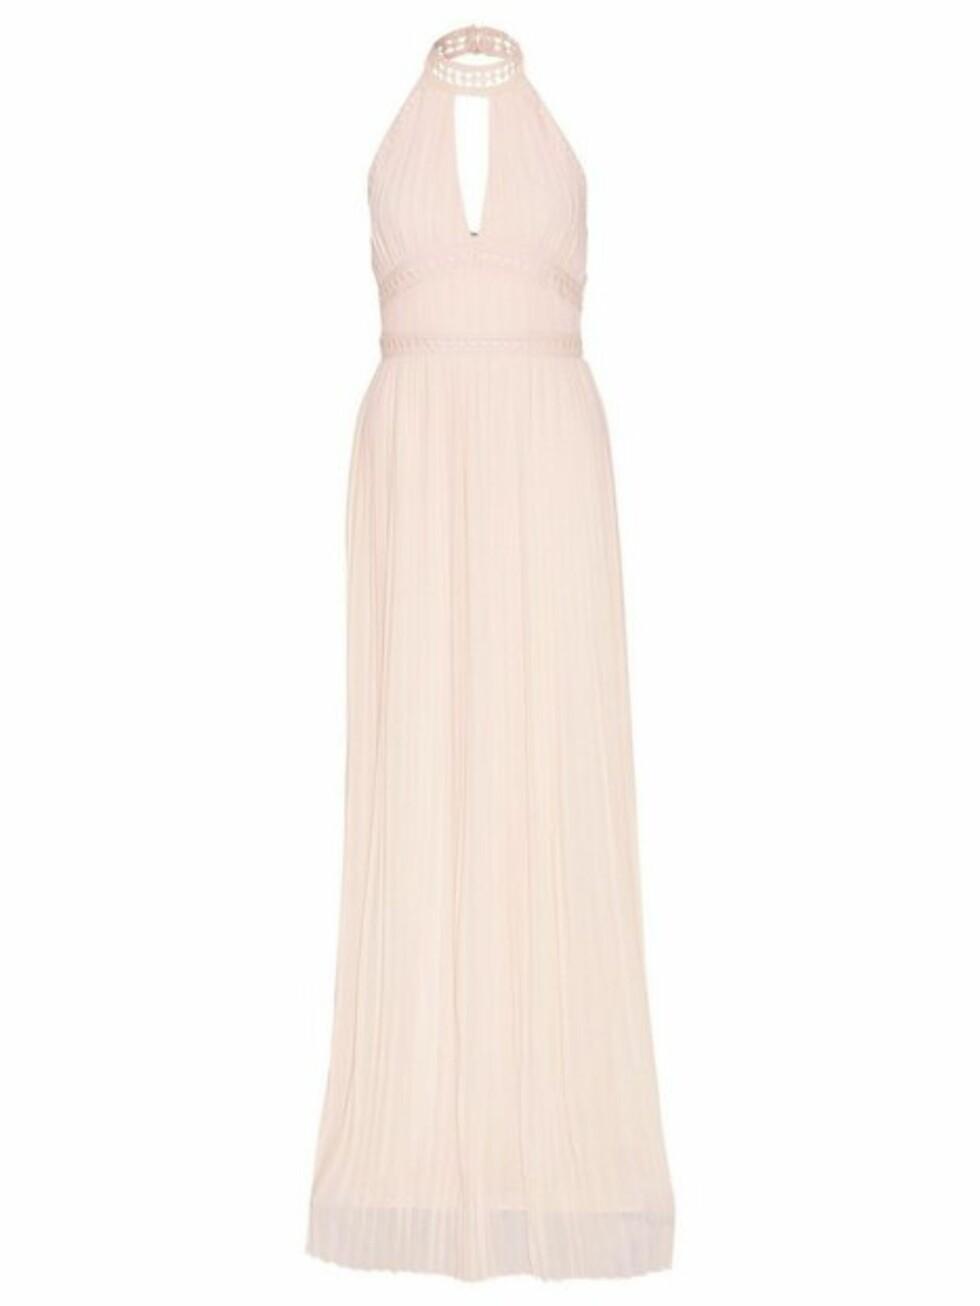 Kjole fra TFNC |629,-| https://nelly.com/no/kl%C3%A6r-til-kvinner/kl%C3%A6r/festkjoler/tfnc-777/corrine-maxi-dress-775036-2174/